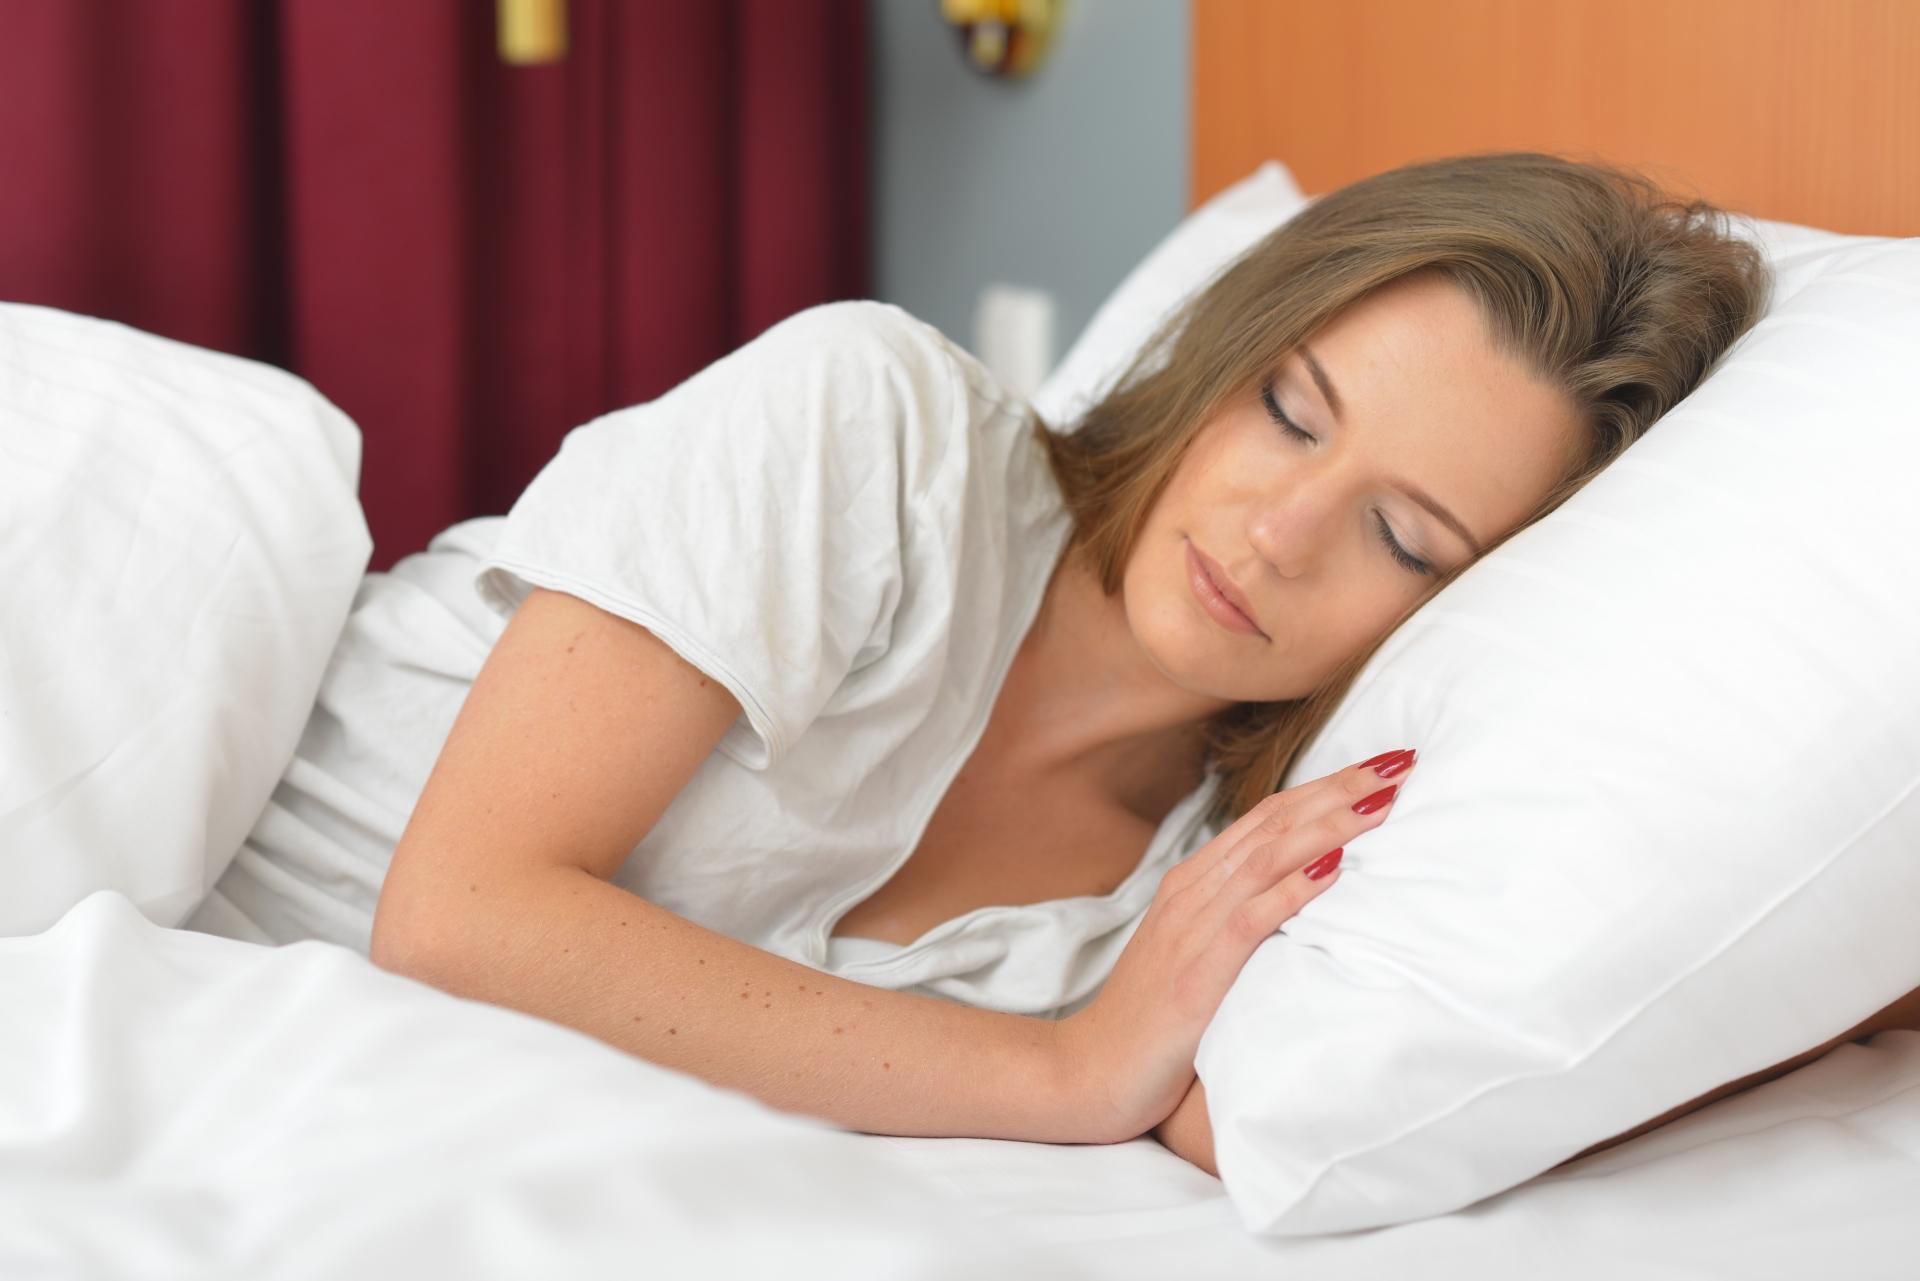 寝るだけでOK? 肩こりの改善につながる寝方とは?